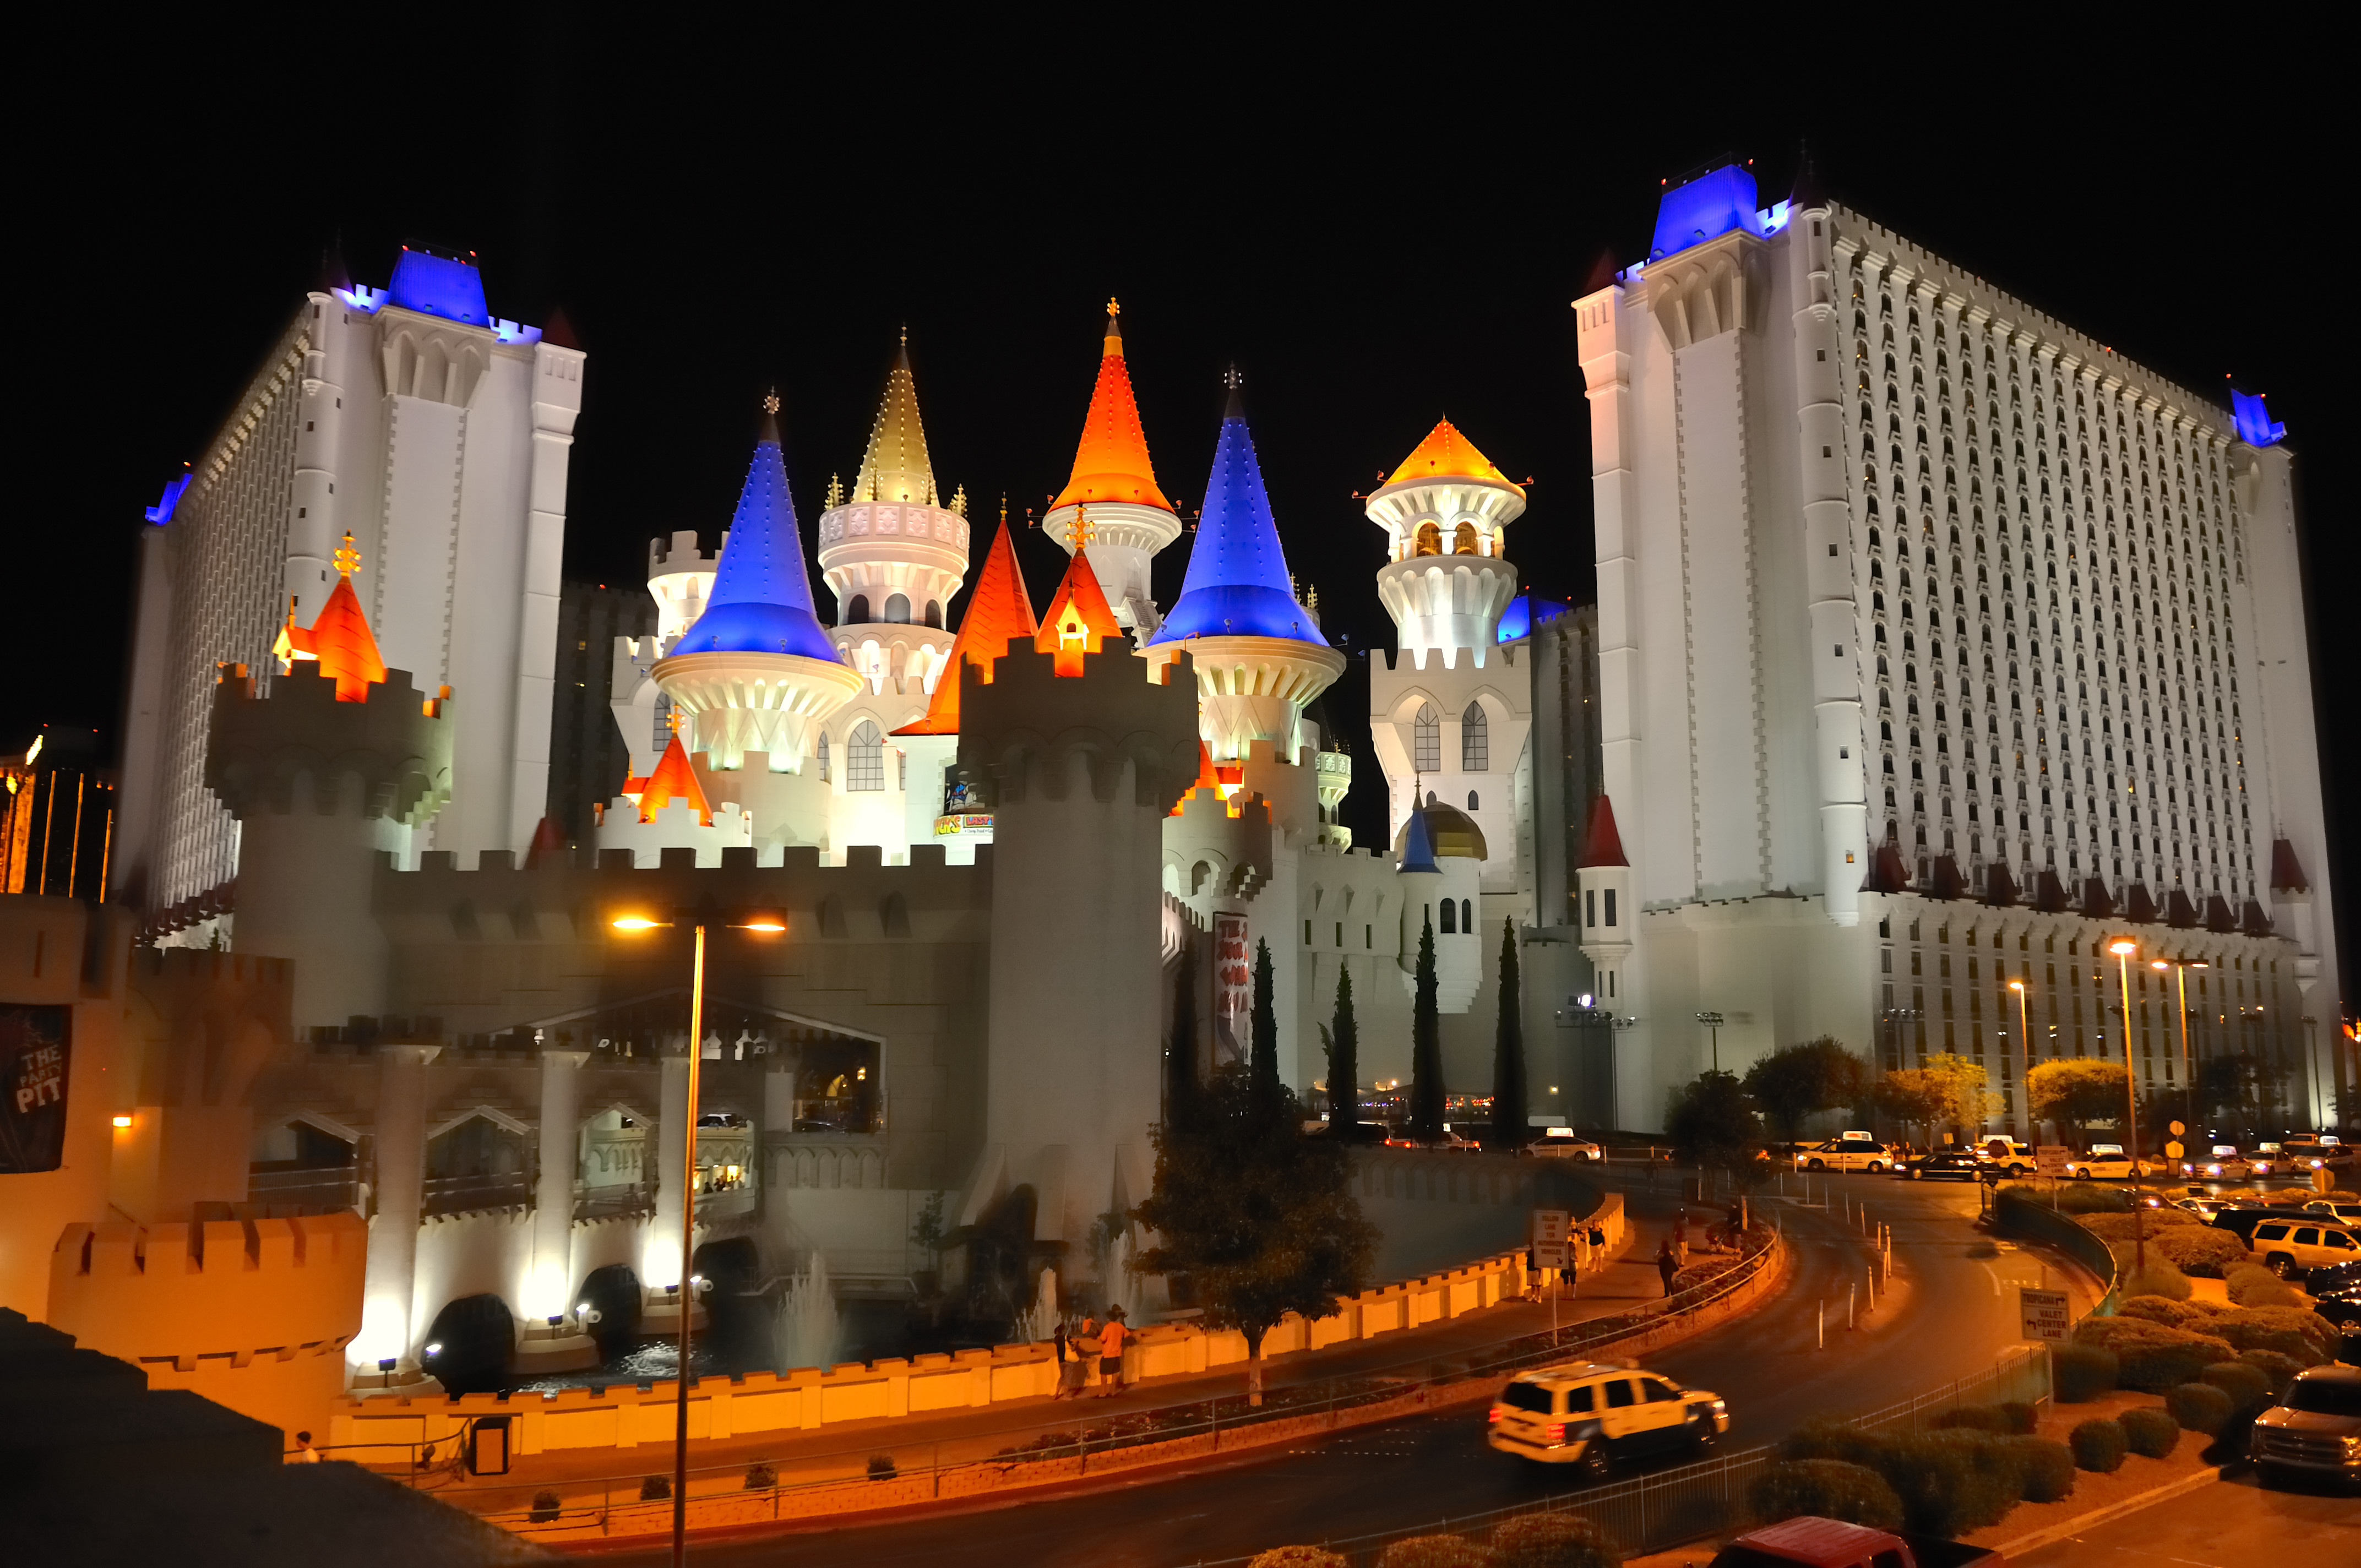 Excaliber Casino